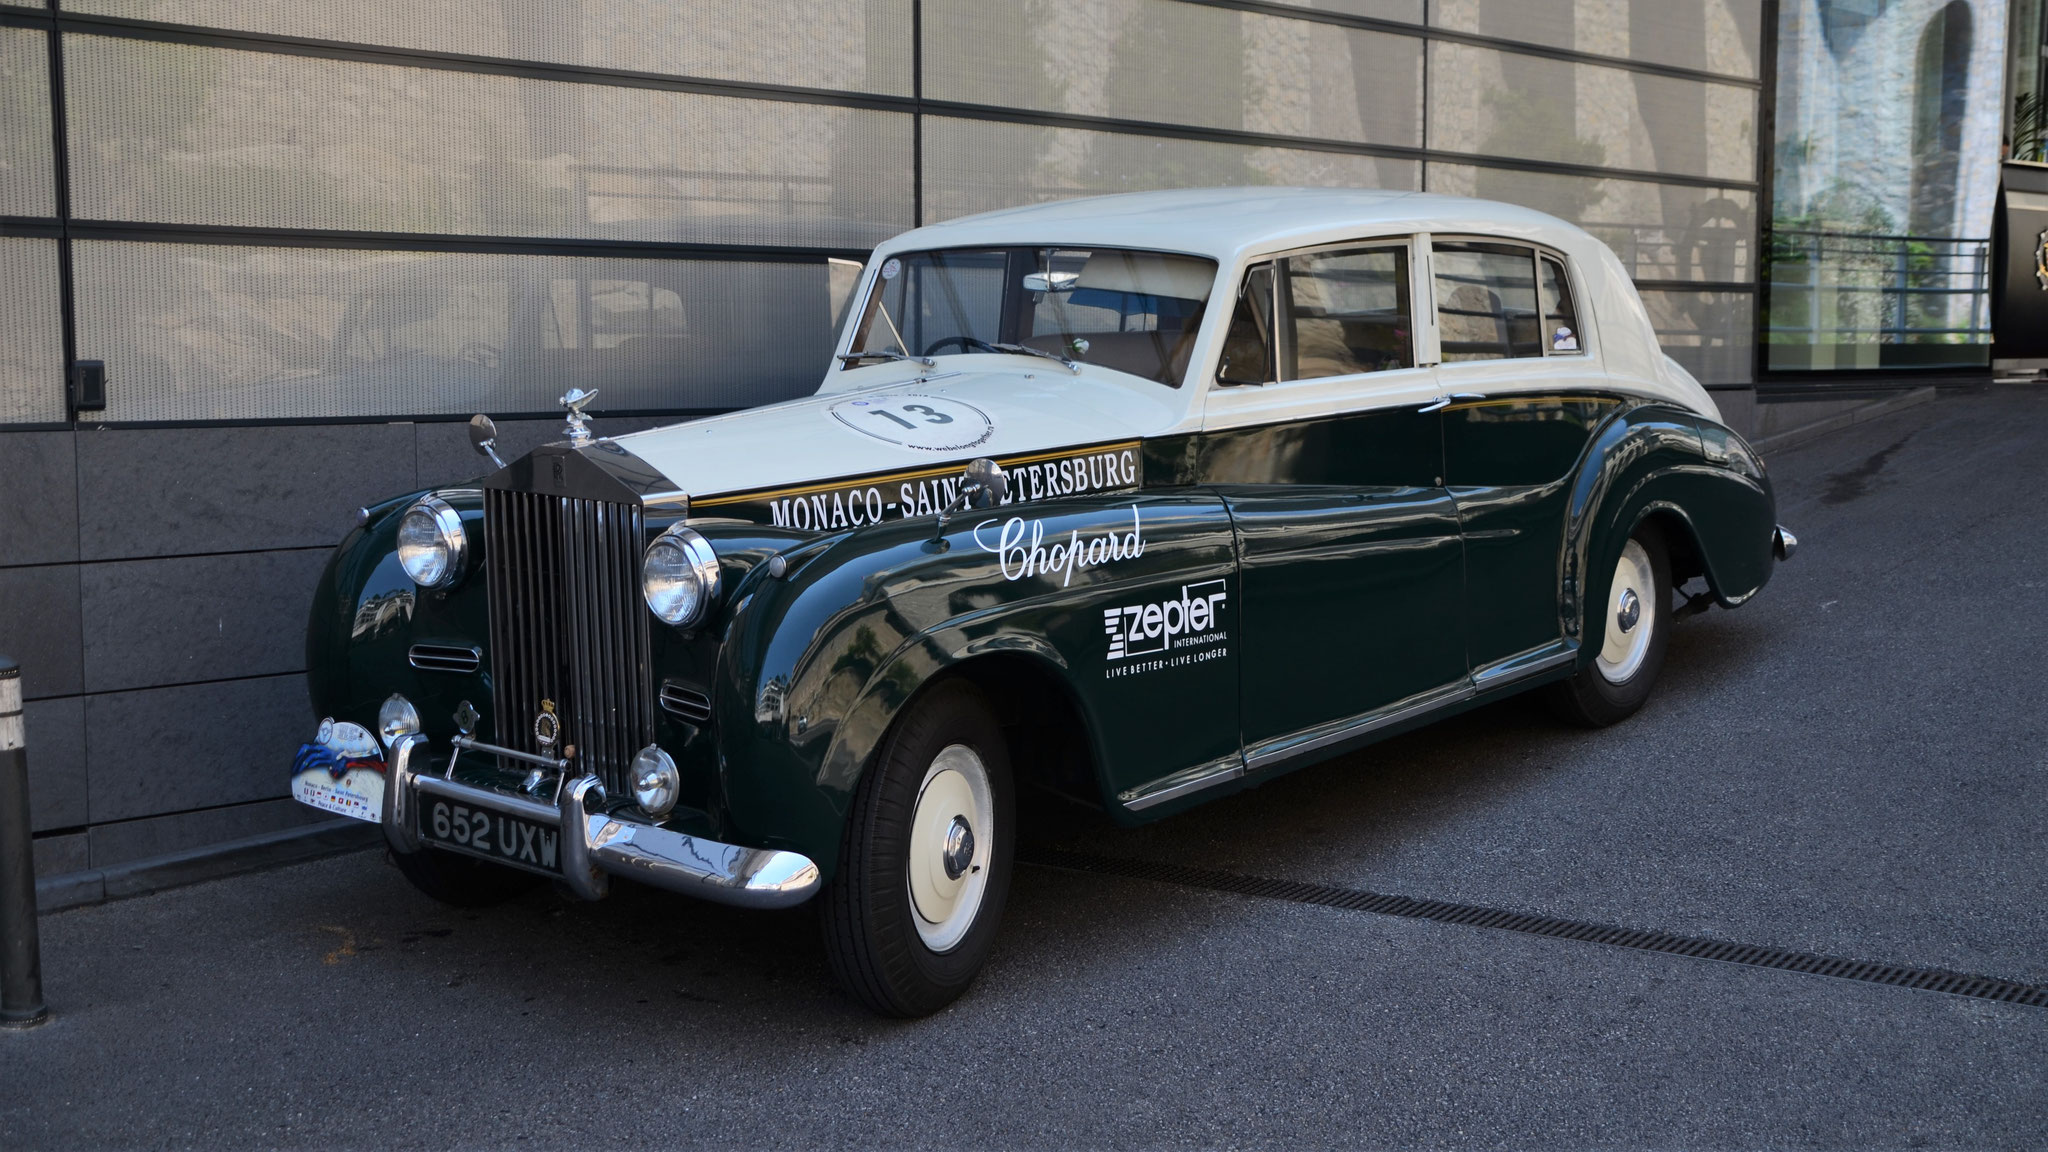 Rolls Royce Silver Cloud II - 652-UXW (GB)